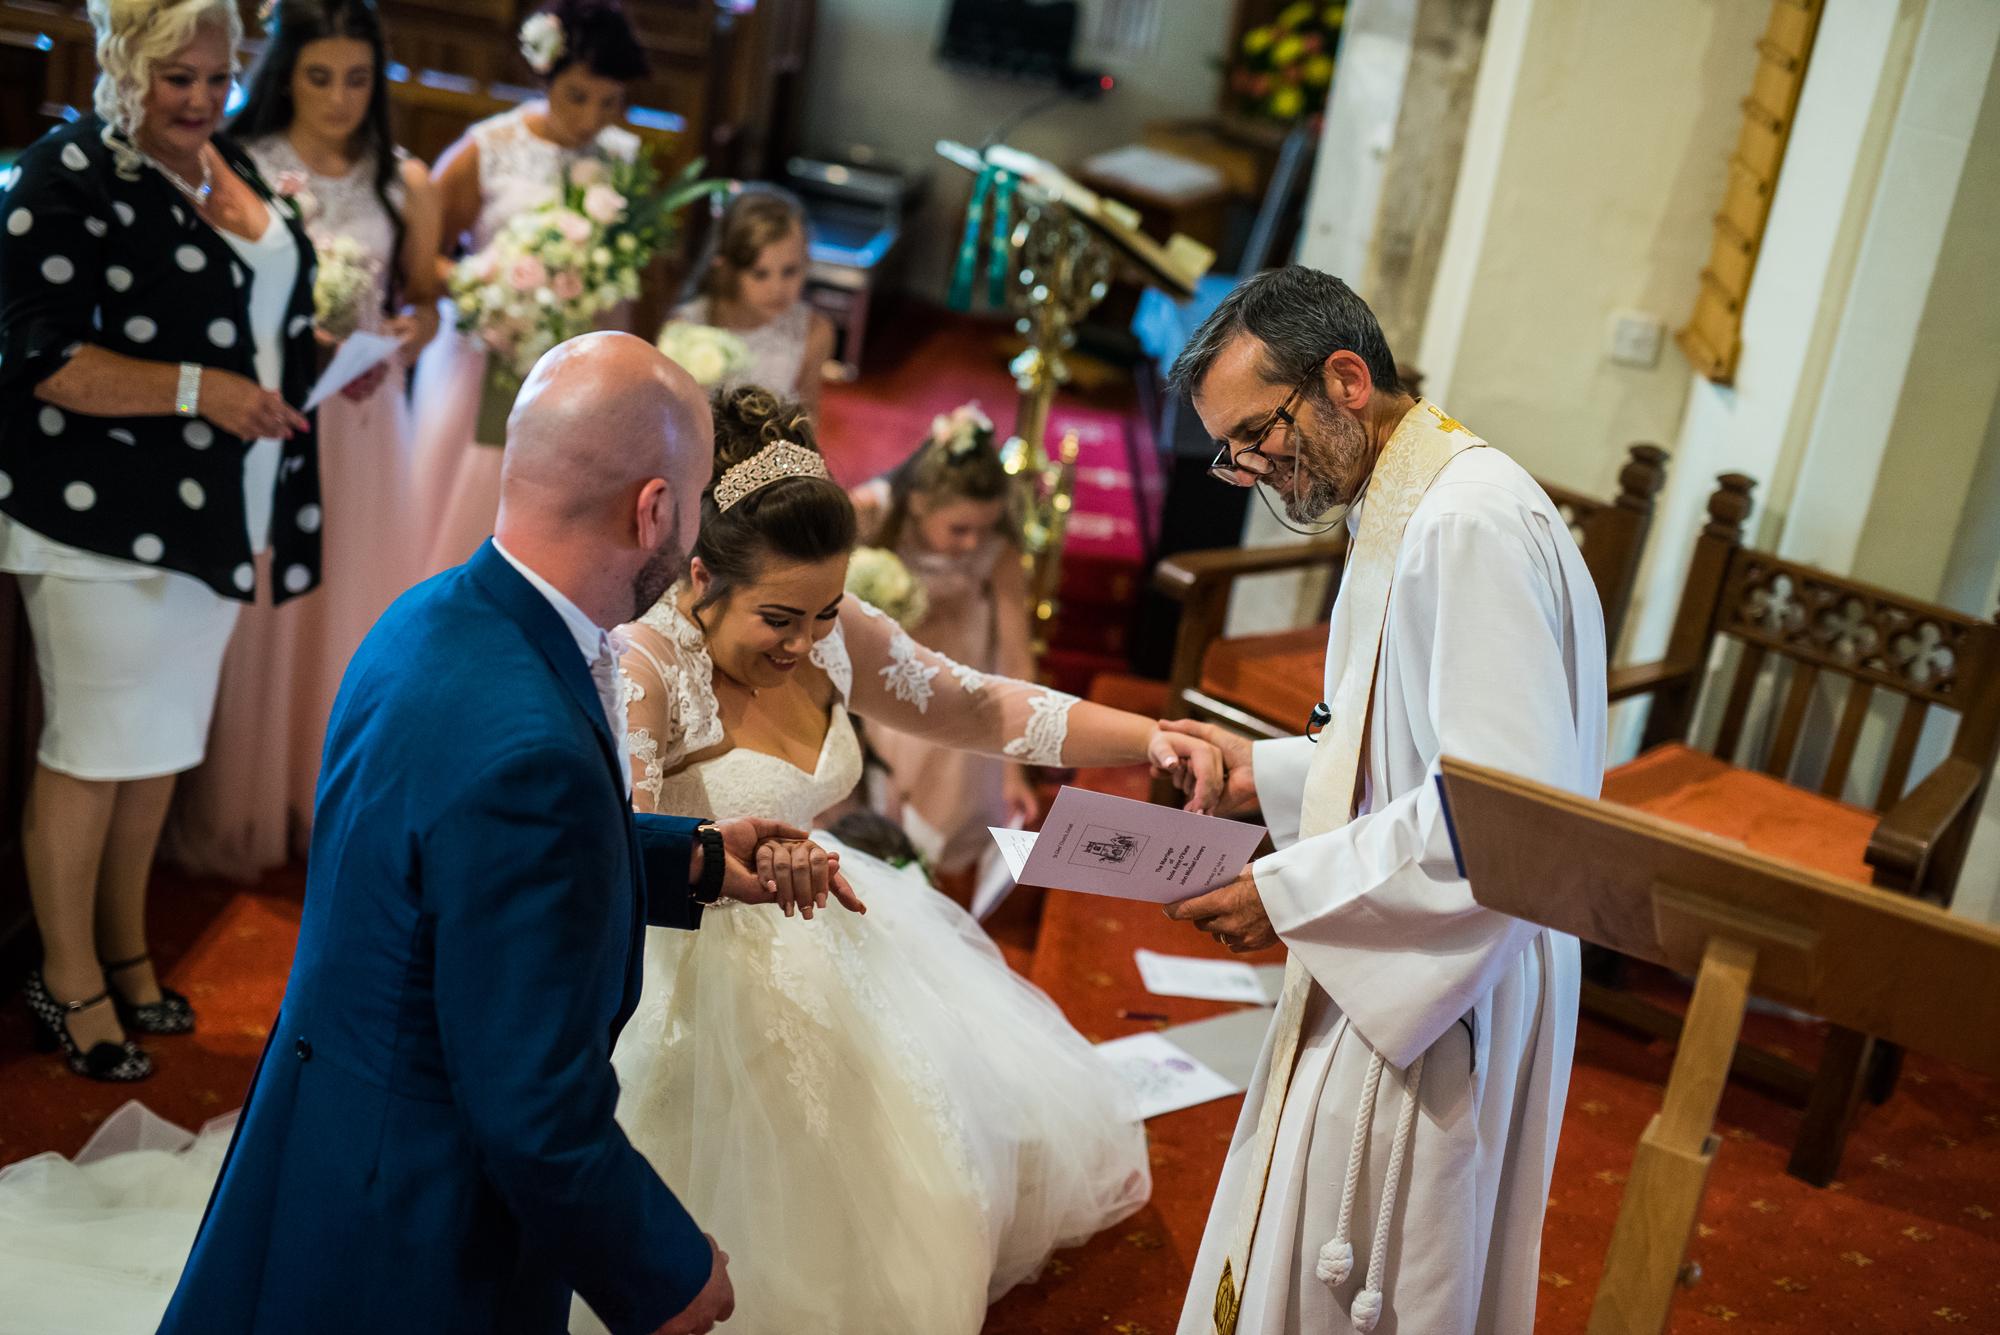 Roise and John wedding photos (138 of 383).jpg